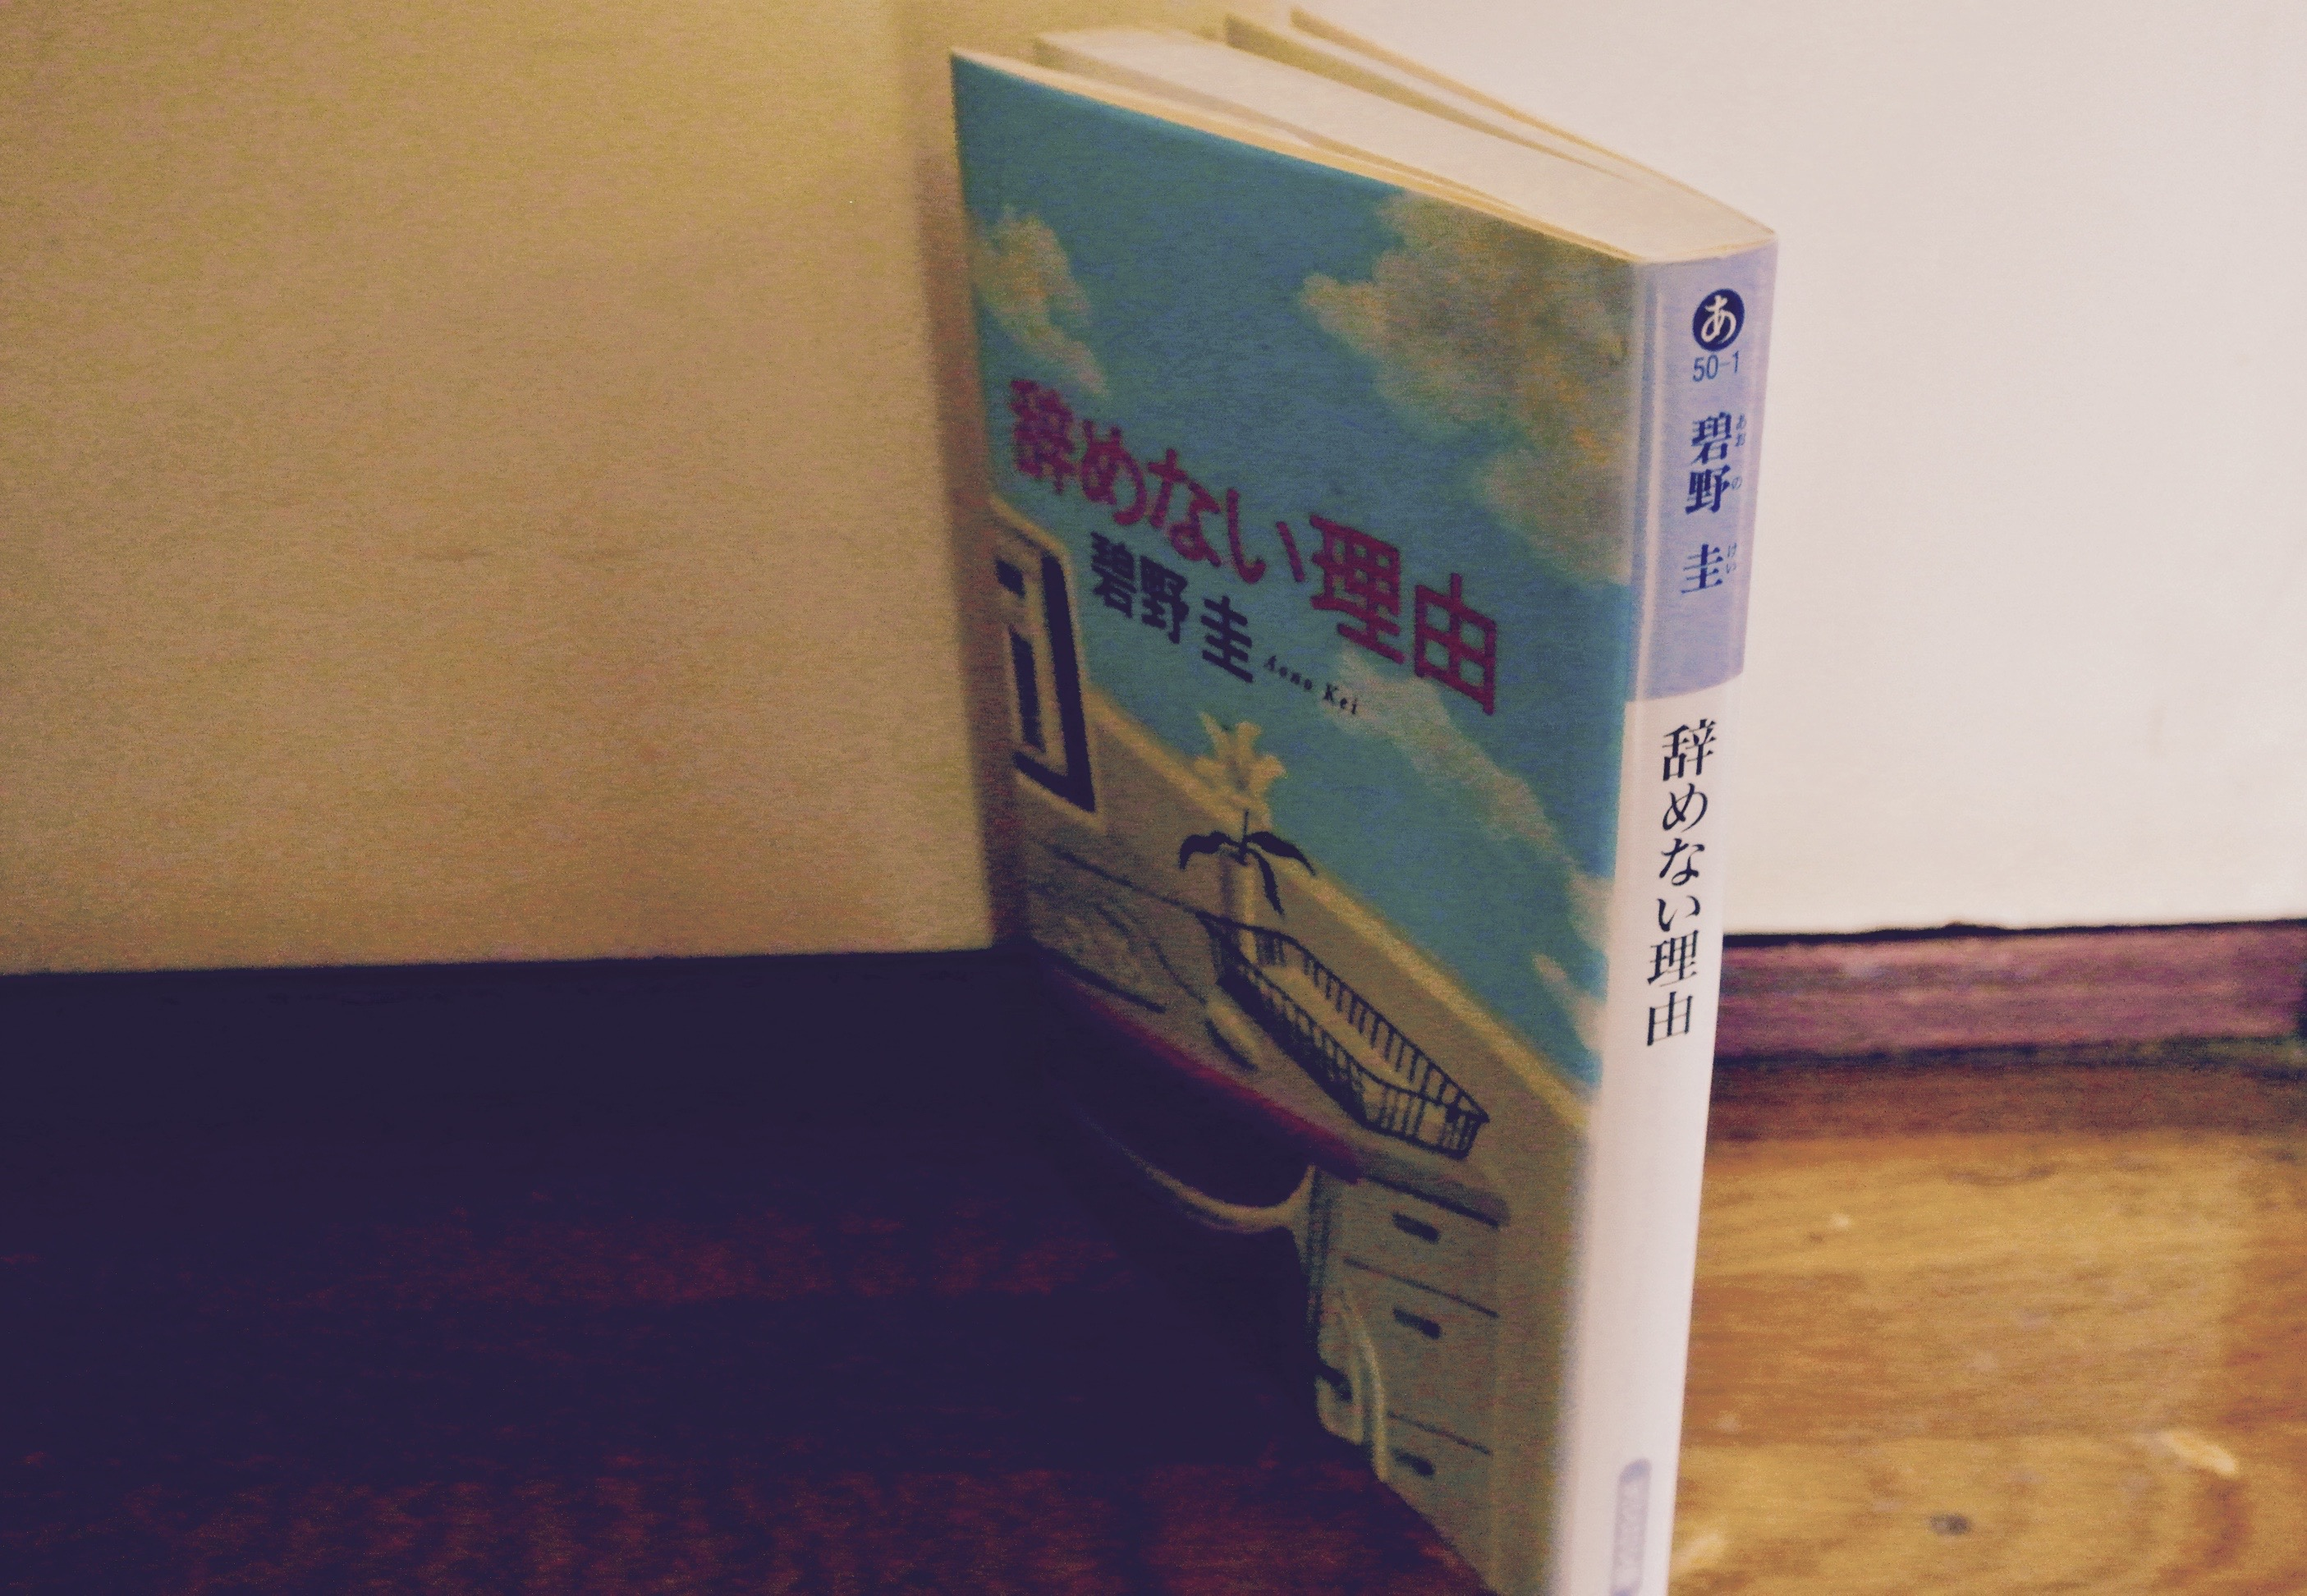 ワーキングマザー、ワーキングガールがテーマの本、辞めない理由、碧野圭